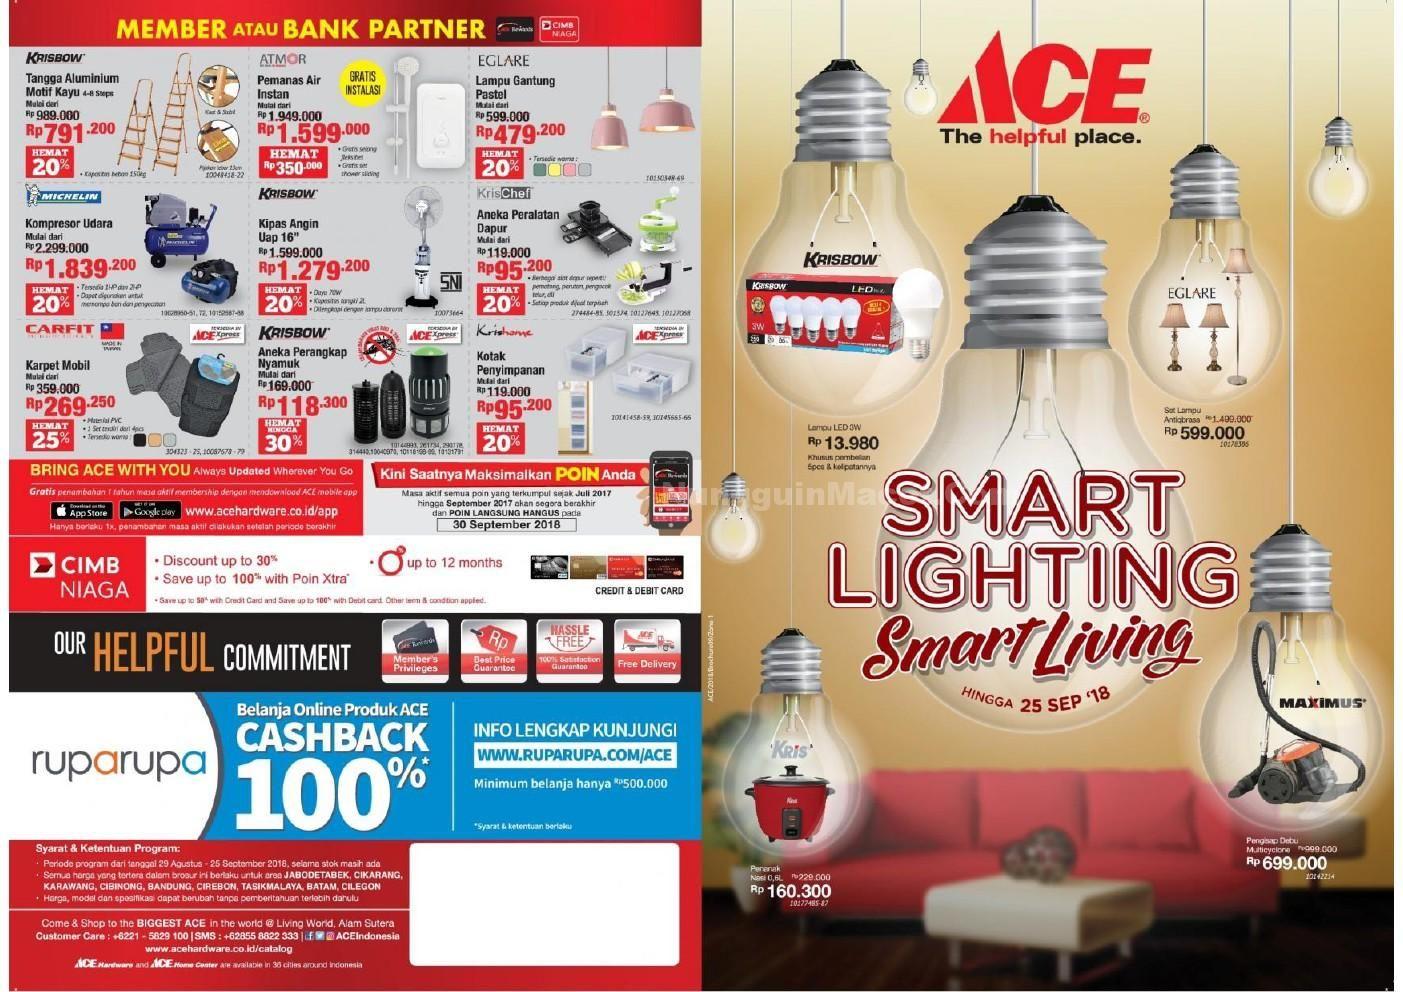 Tau Promo Terbaru Dari Ace Hardware Promo Ace Hardware Indonesia Smart Lighting Smart Living Berlaku Mulai 29 August 2018 Perlengkapan Dapur Teknik Produk